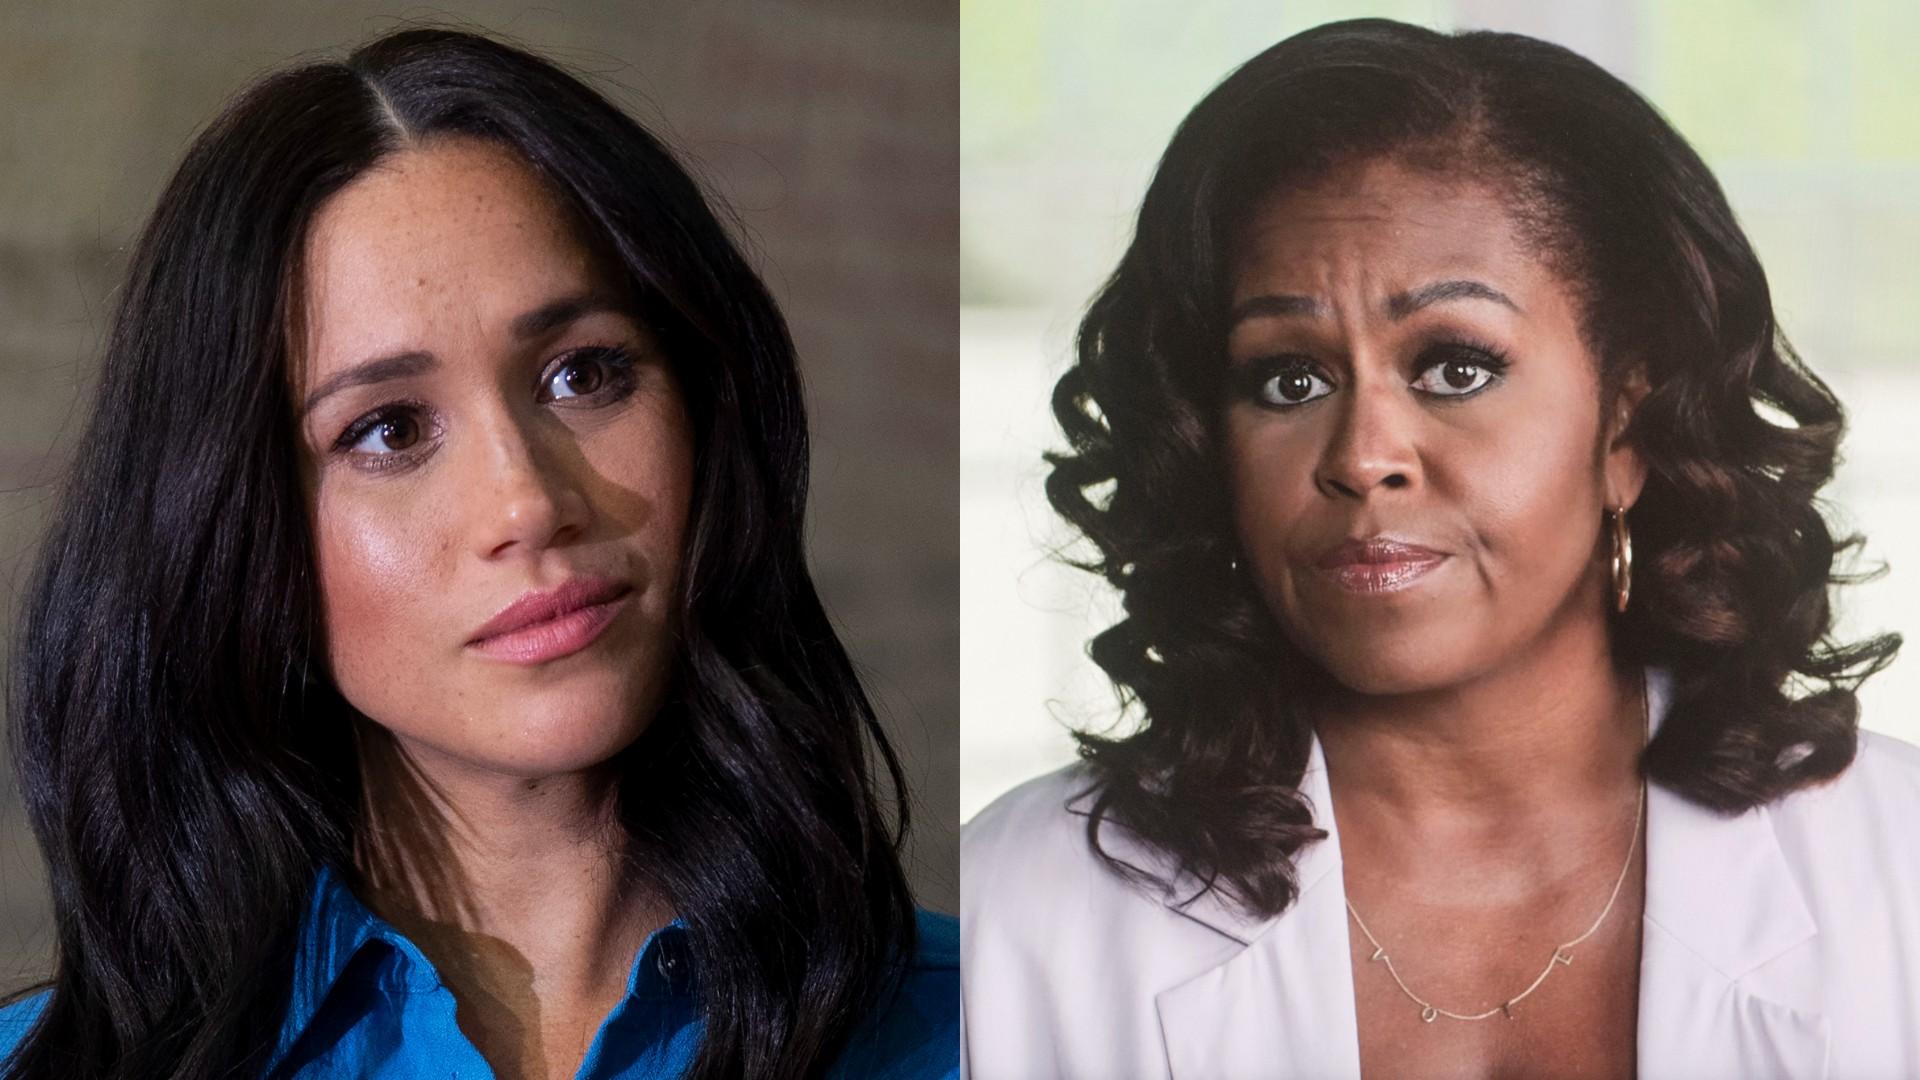 Meghan Markle rzuciła focha na Michelle Obamę i planuje małe odegranie na byłej Pierwszej Damie USA